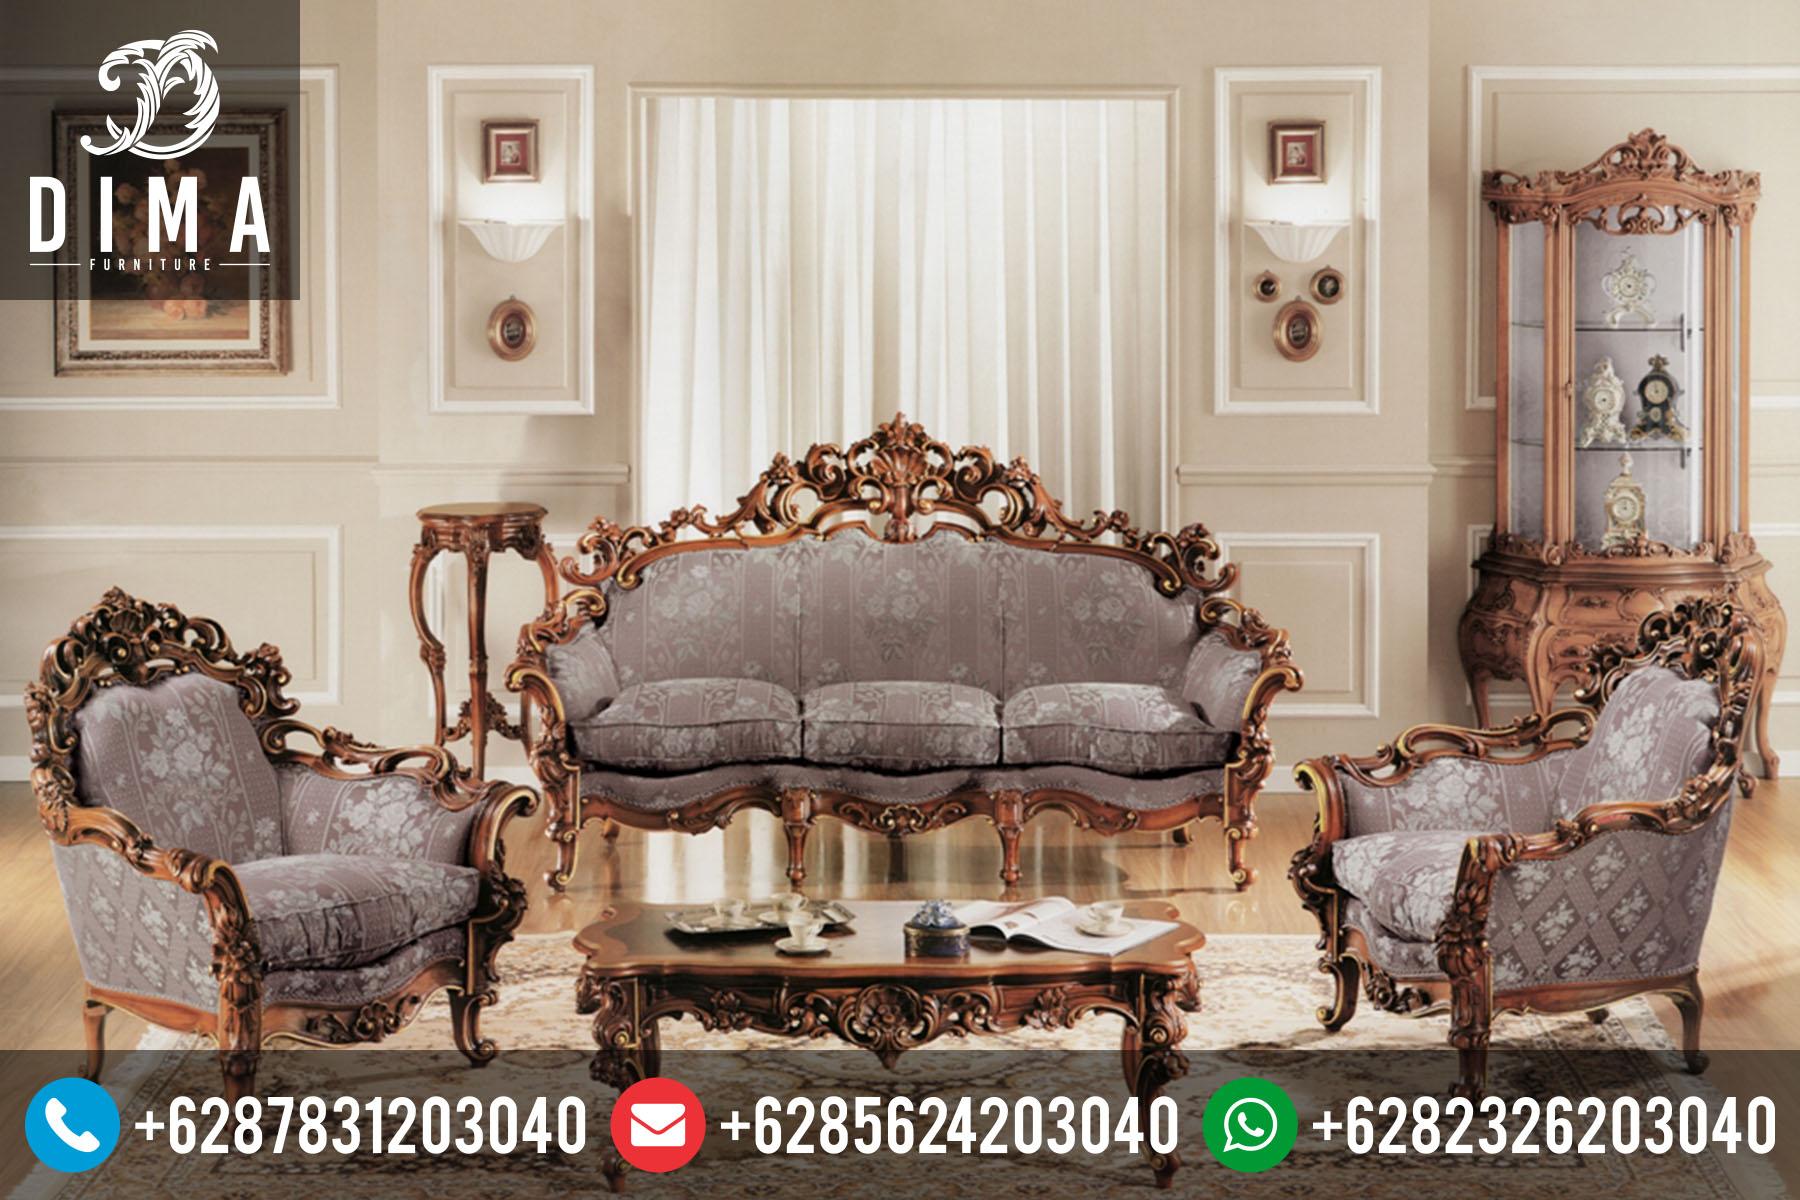 Mebel Jepara Murah Set Kursi Sofa Tamu Klasik Mewah Terbaru ST-0037